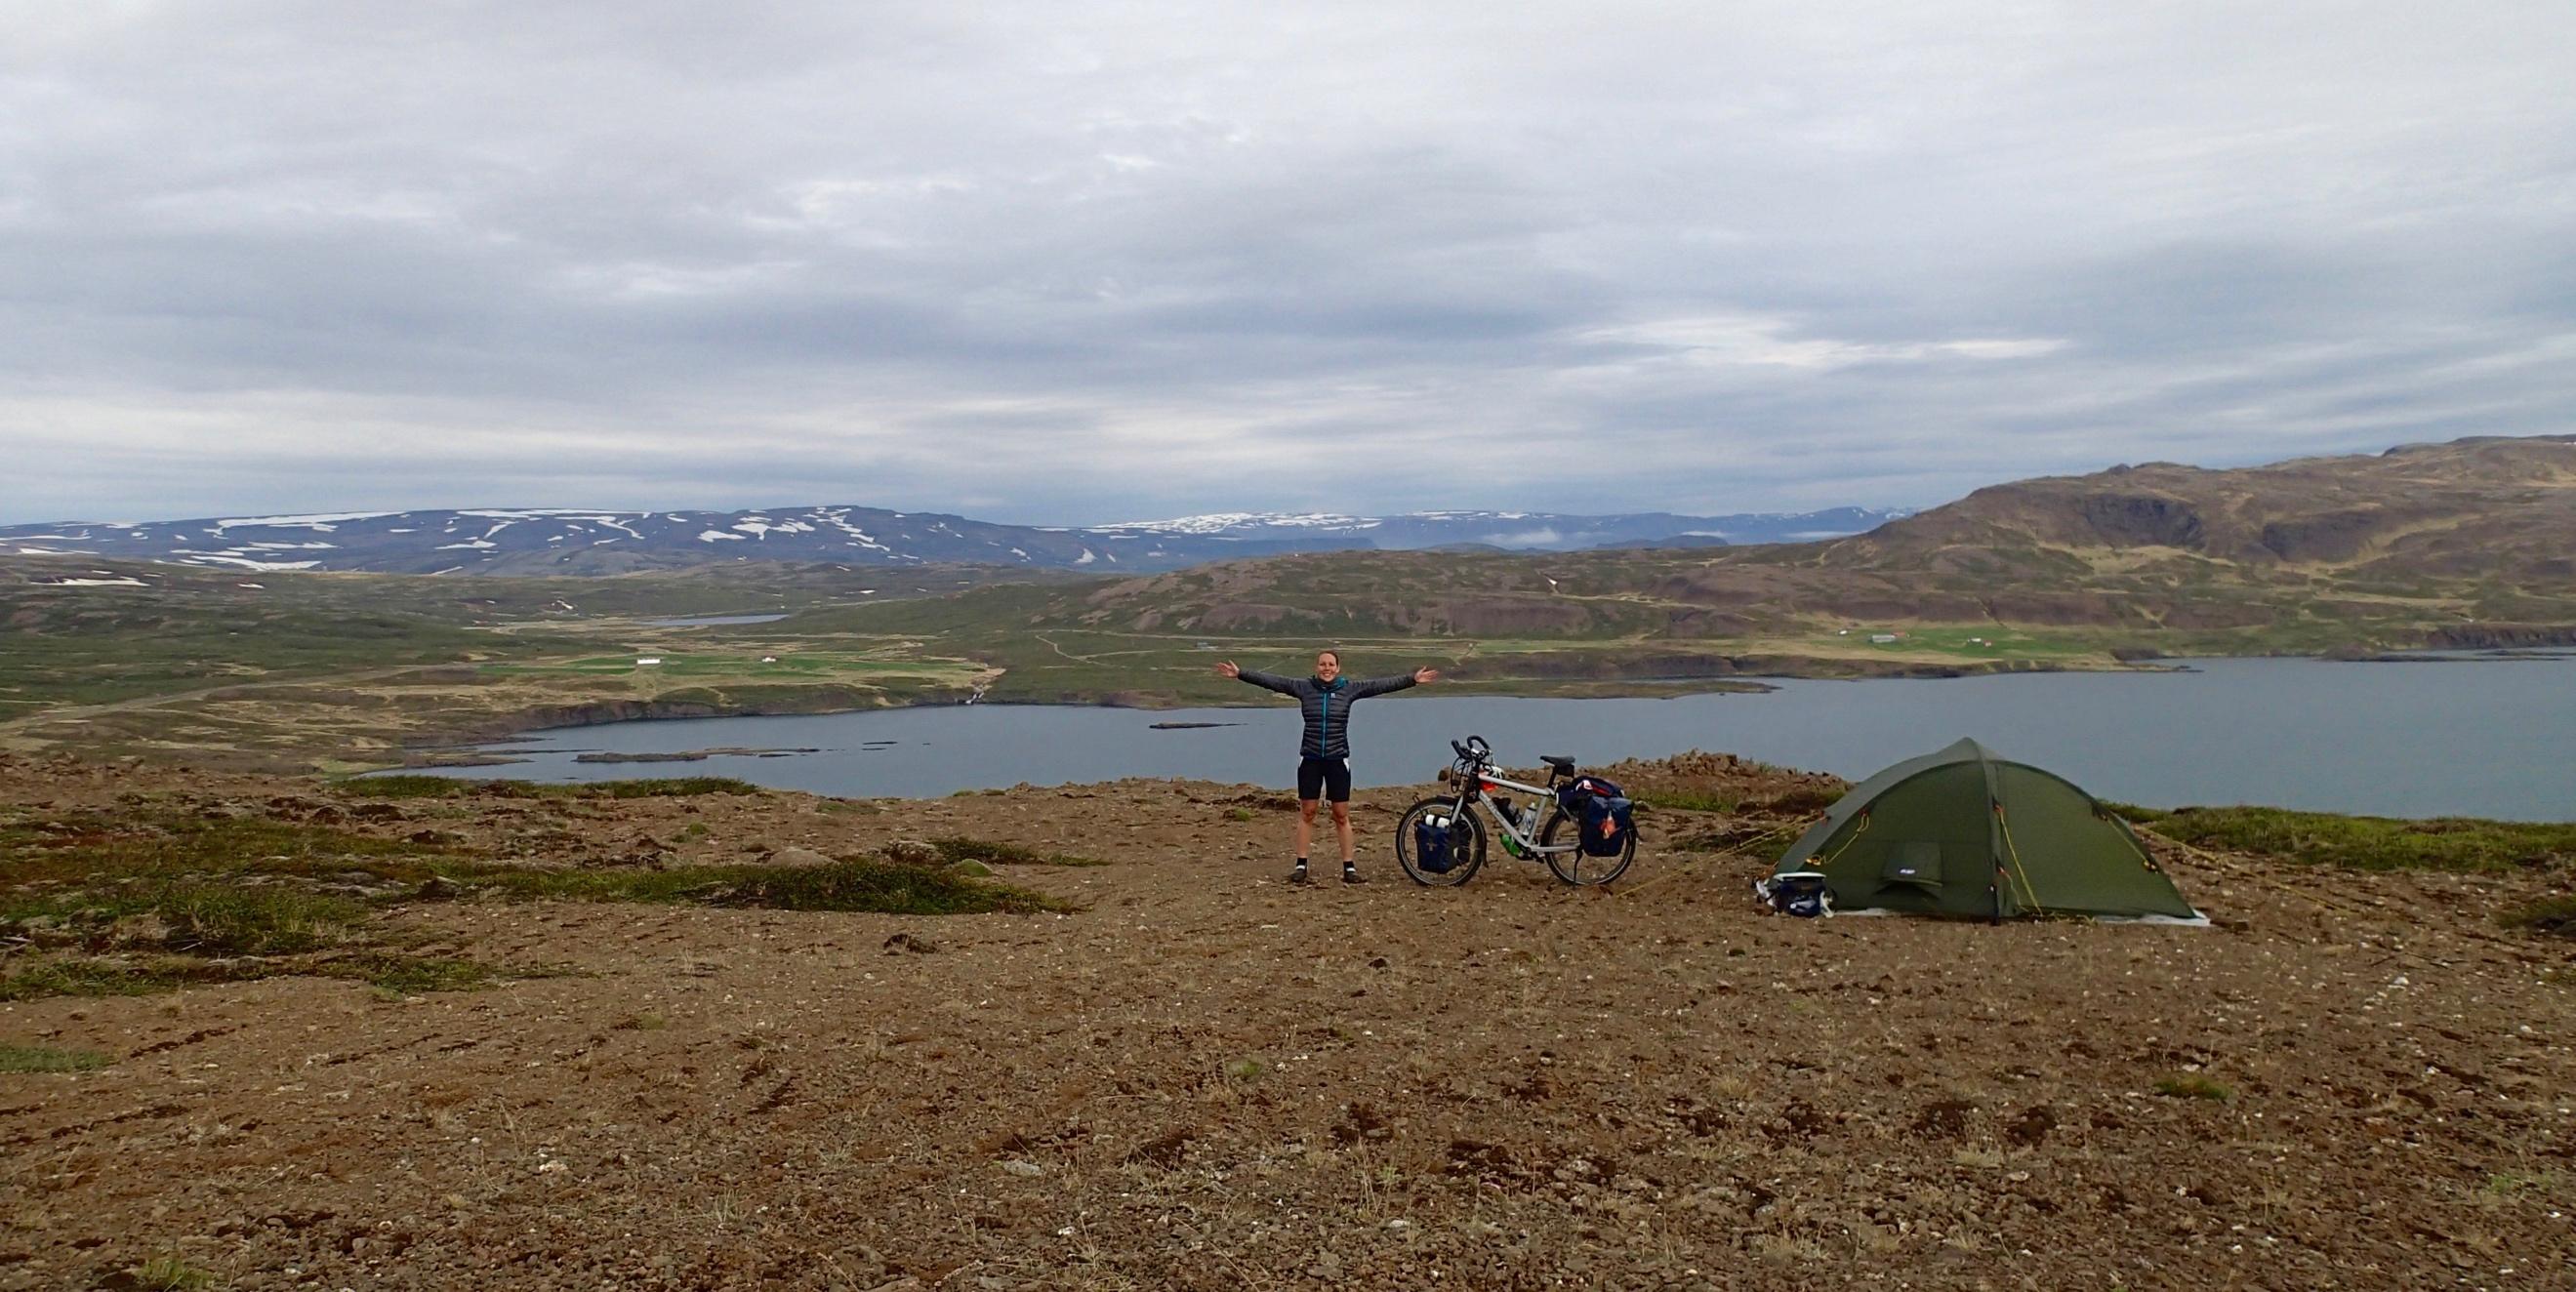 Kempingezés szempontjából Izland maga a paradicsom! Bárhol leverheted a sátrad, és az ivó- és főzővizet közvetlenül a vízesésekből és patakokból merheted. Senkinek eszébe sem jut megzavarni a táborhelyed.